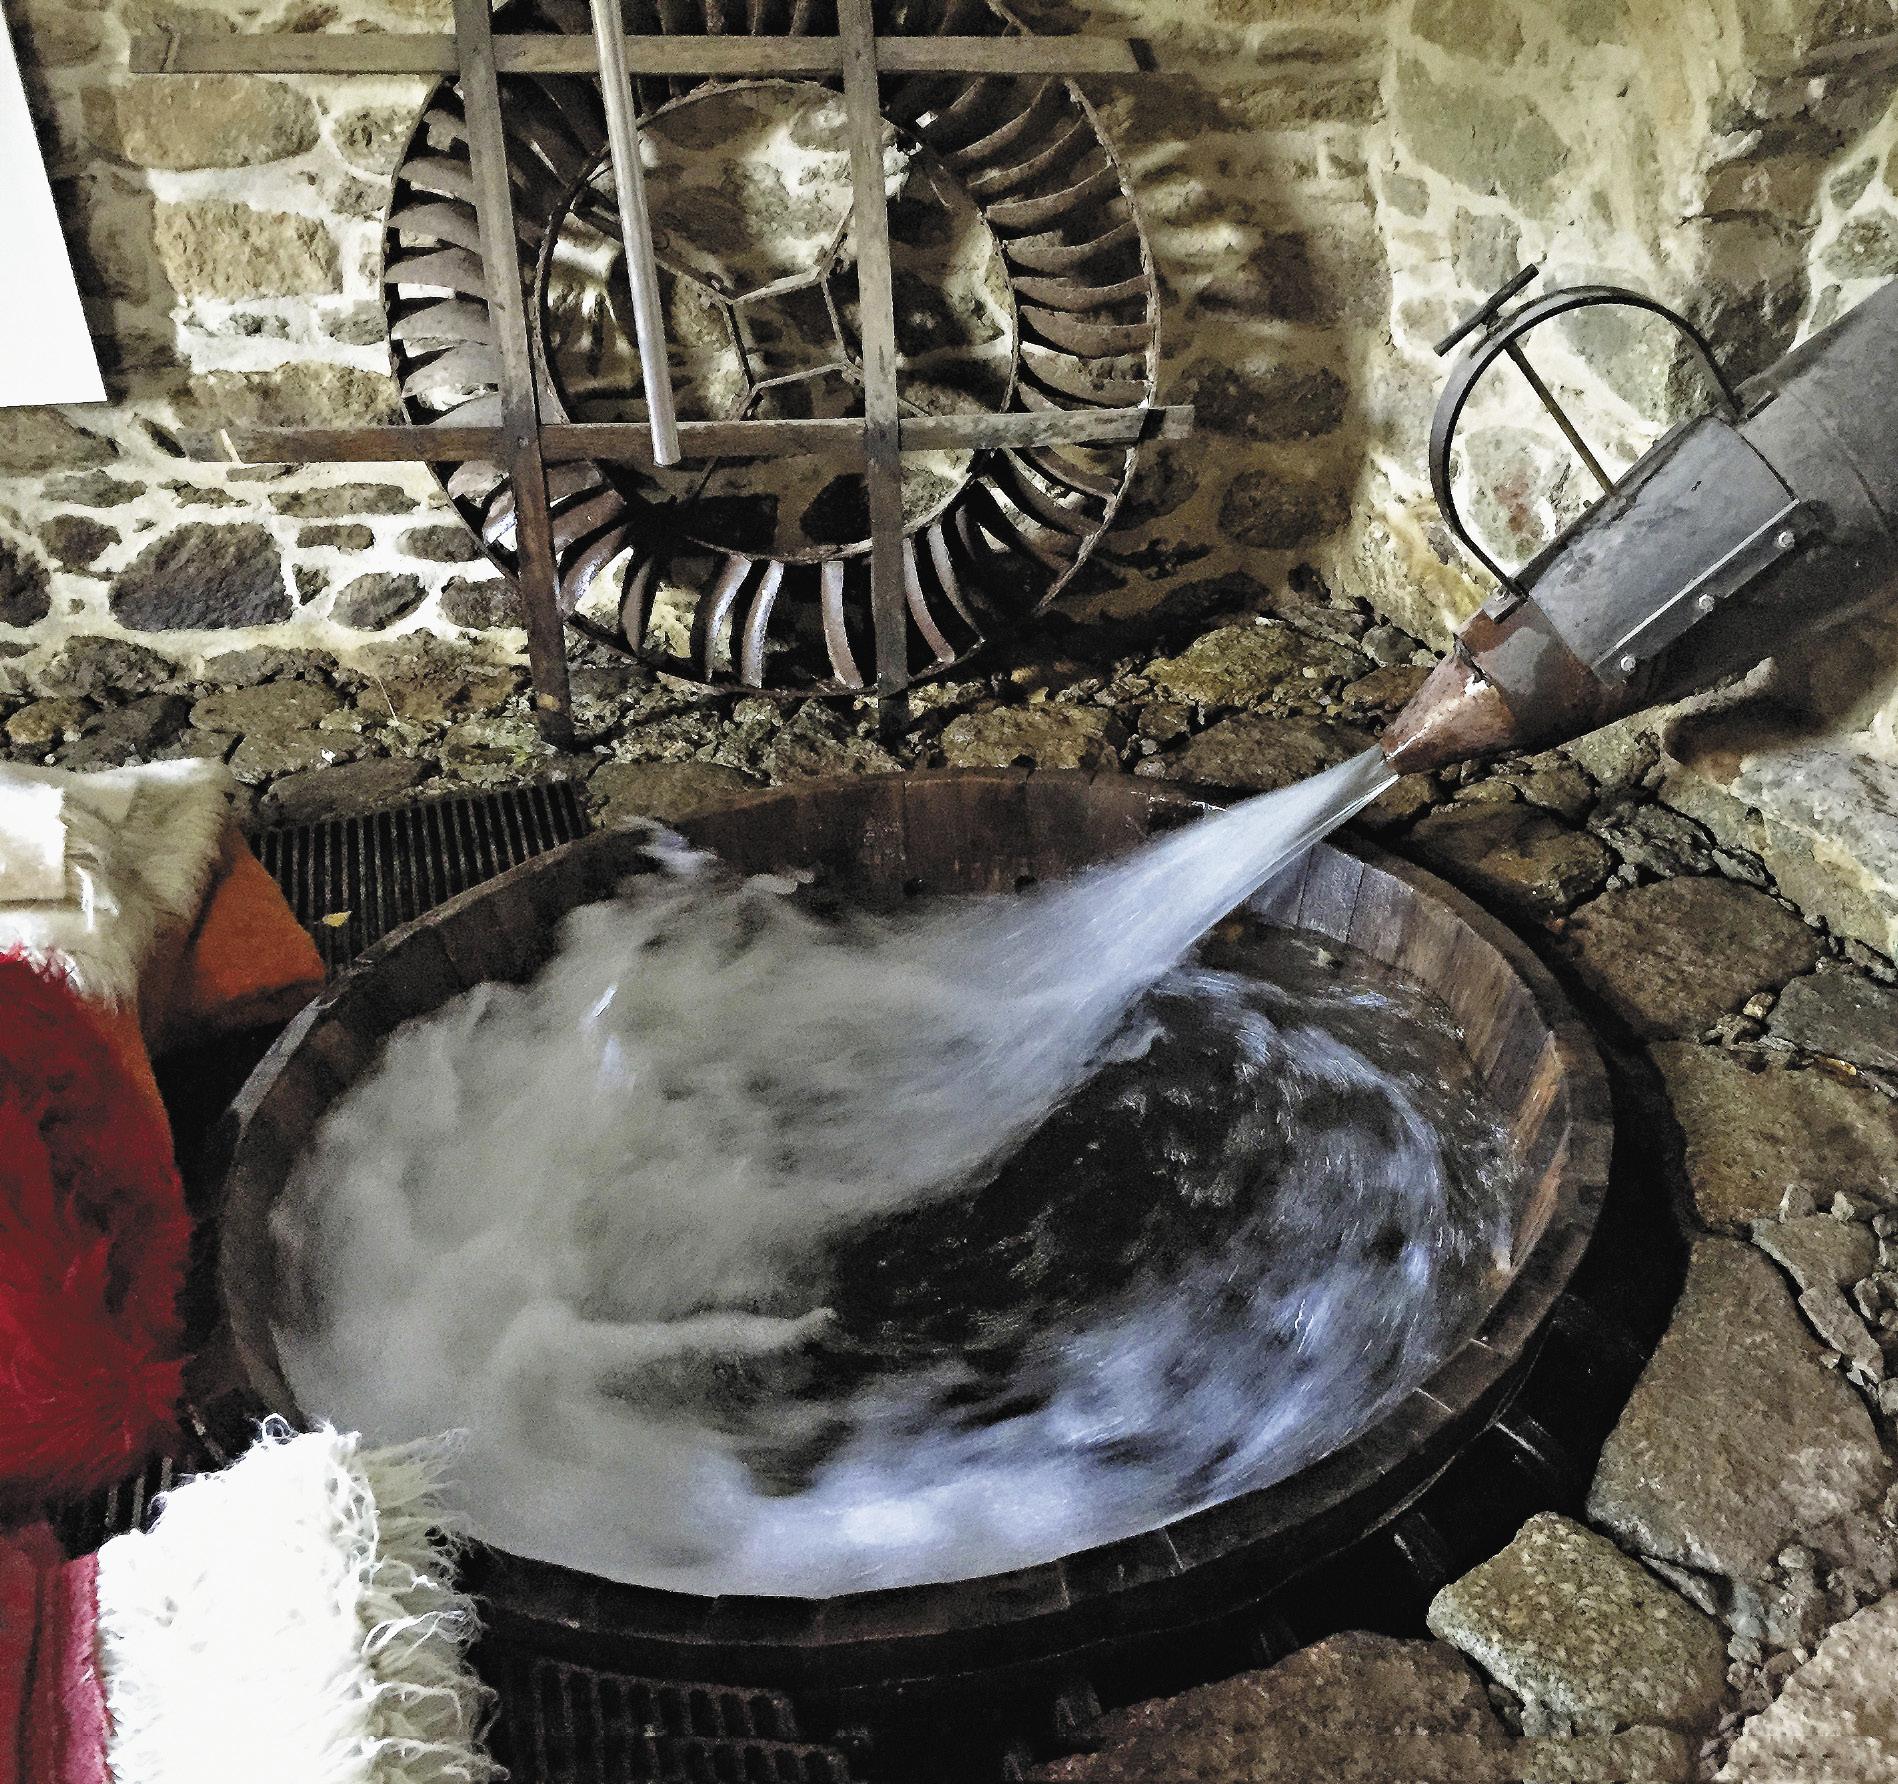 Водяные мельницы в Западной Македонии уже давно ушли в прошлое. Но для привлечения туристов некоторые из них по-прежнему в строю.